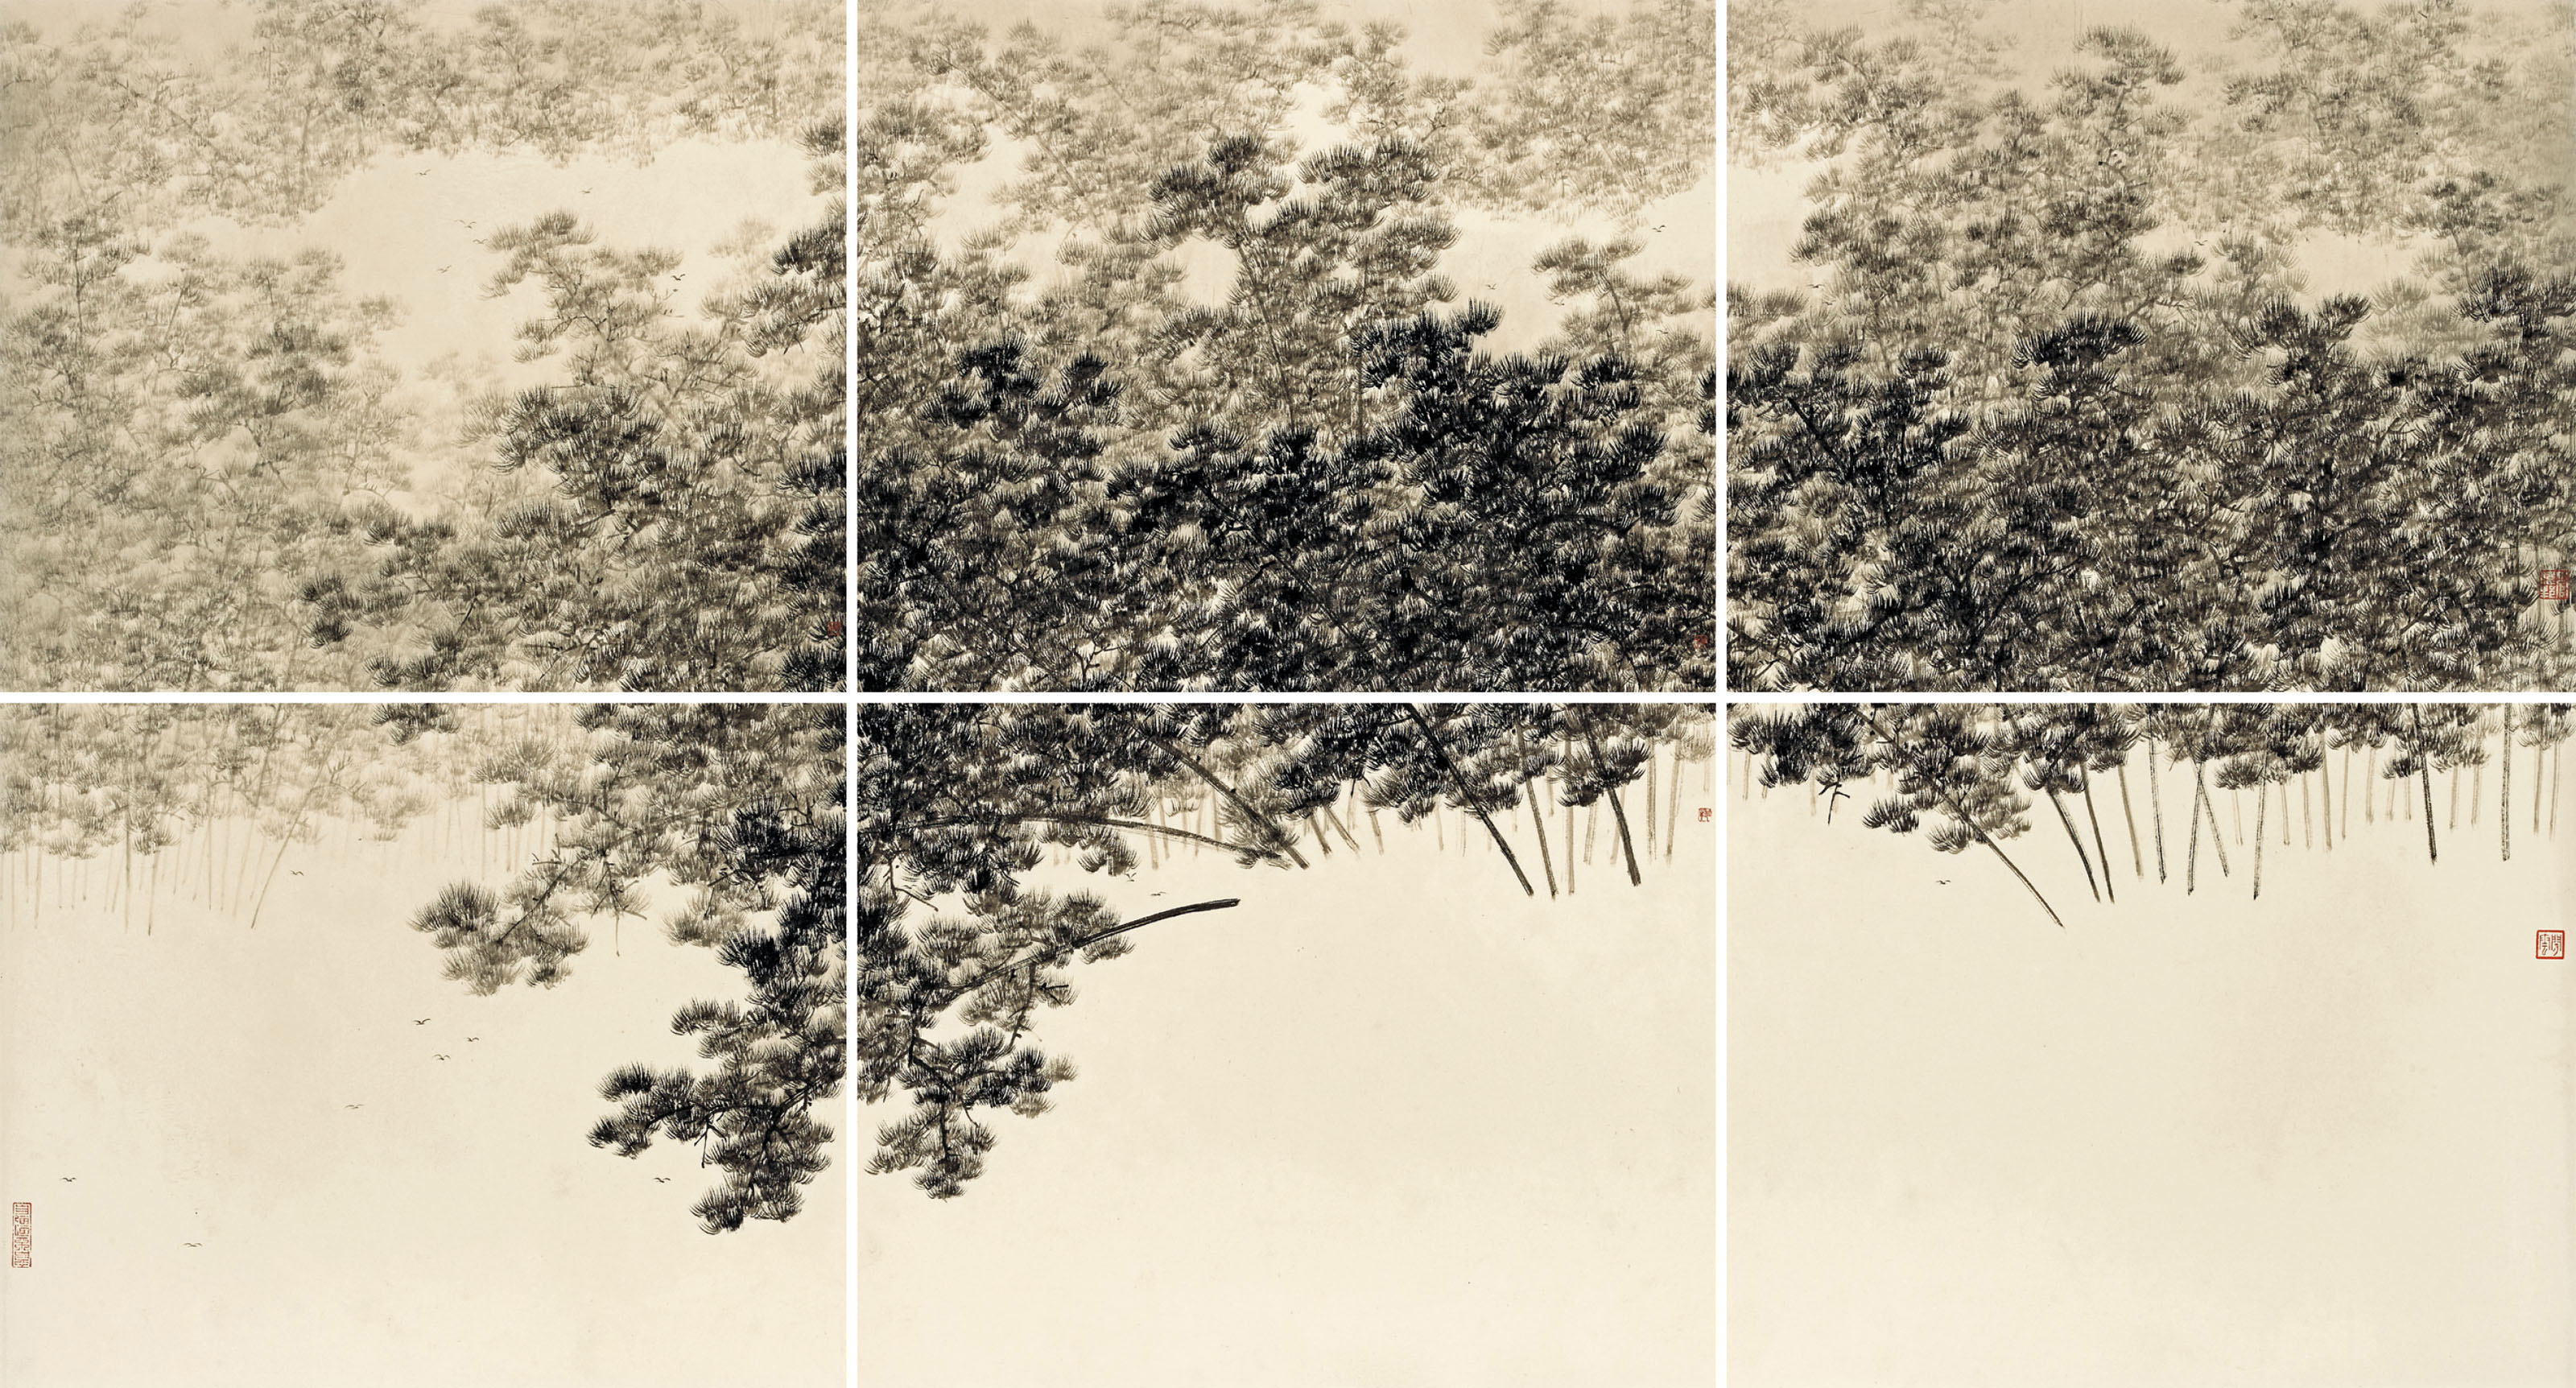 Forêts de pins dans la brume, ensemble de six rouleaux, encre sur papier de Koon Wai Bong (Guan Weibang né en 1974)